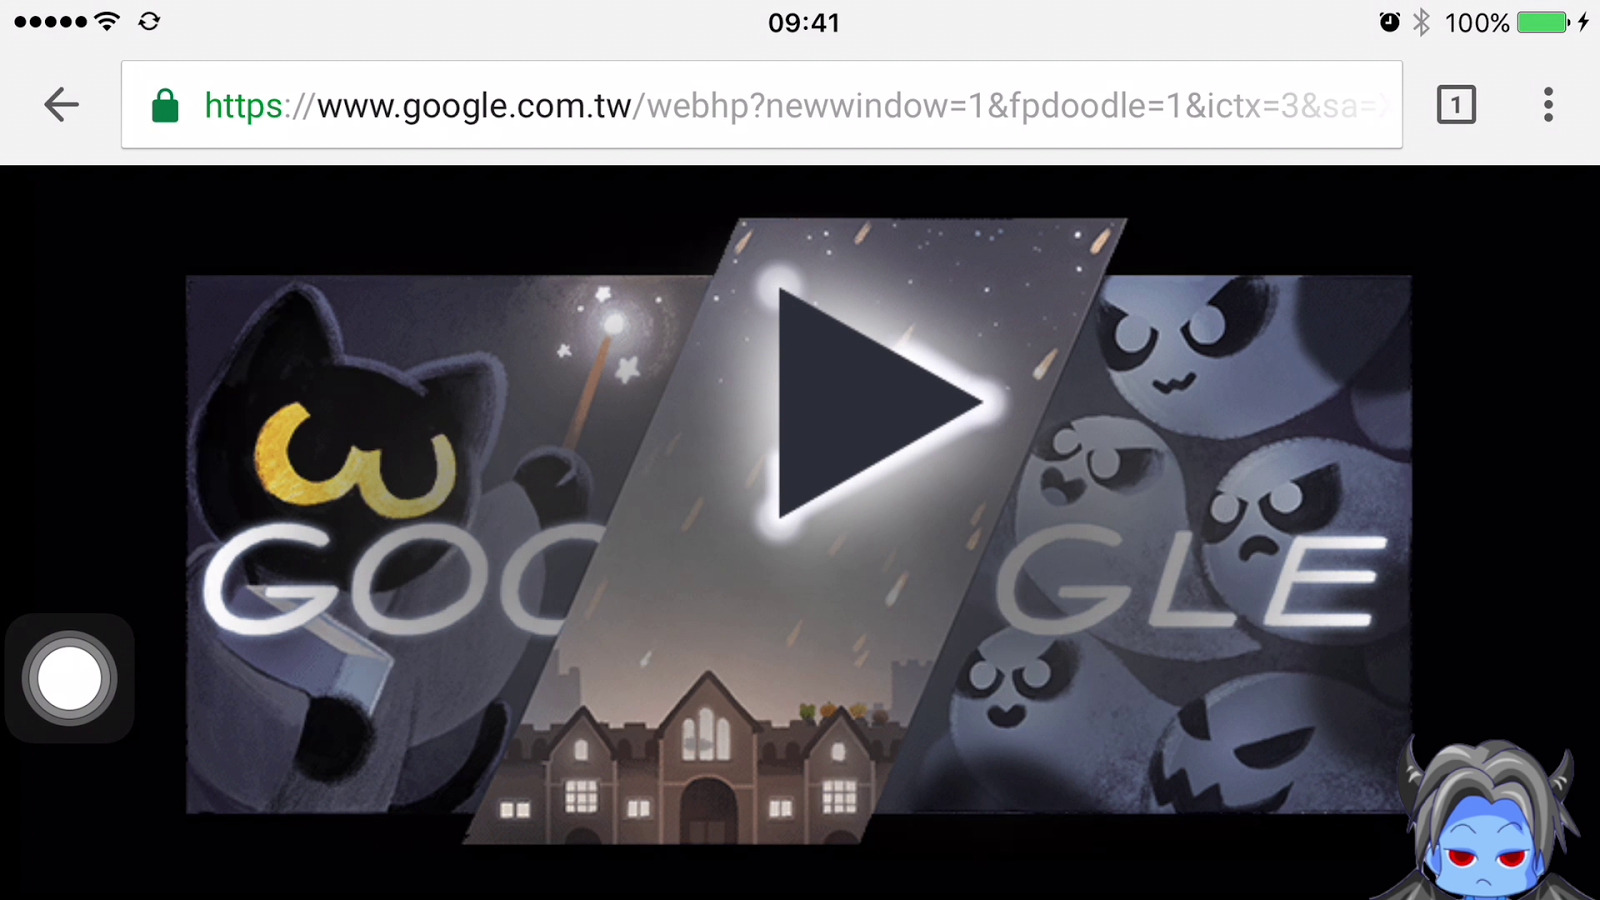 藍色小惡魔 - Pokemon 抓寶人生: Halloween Google Doodle Game 萬聖節網頁遊戲